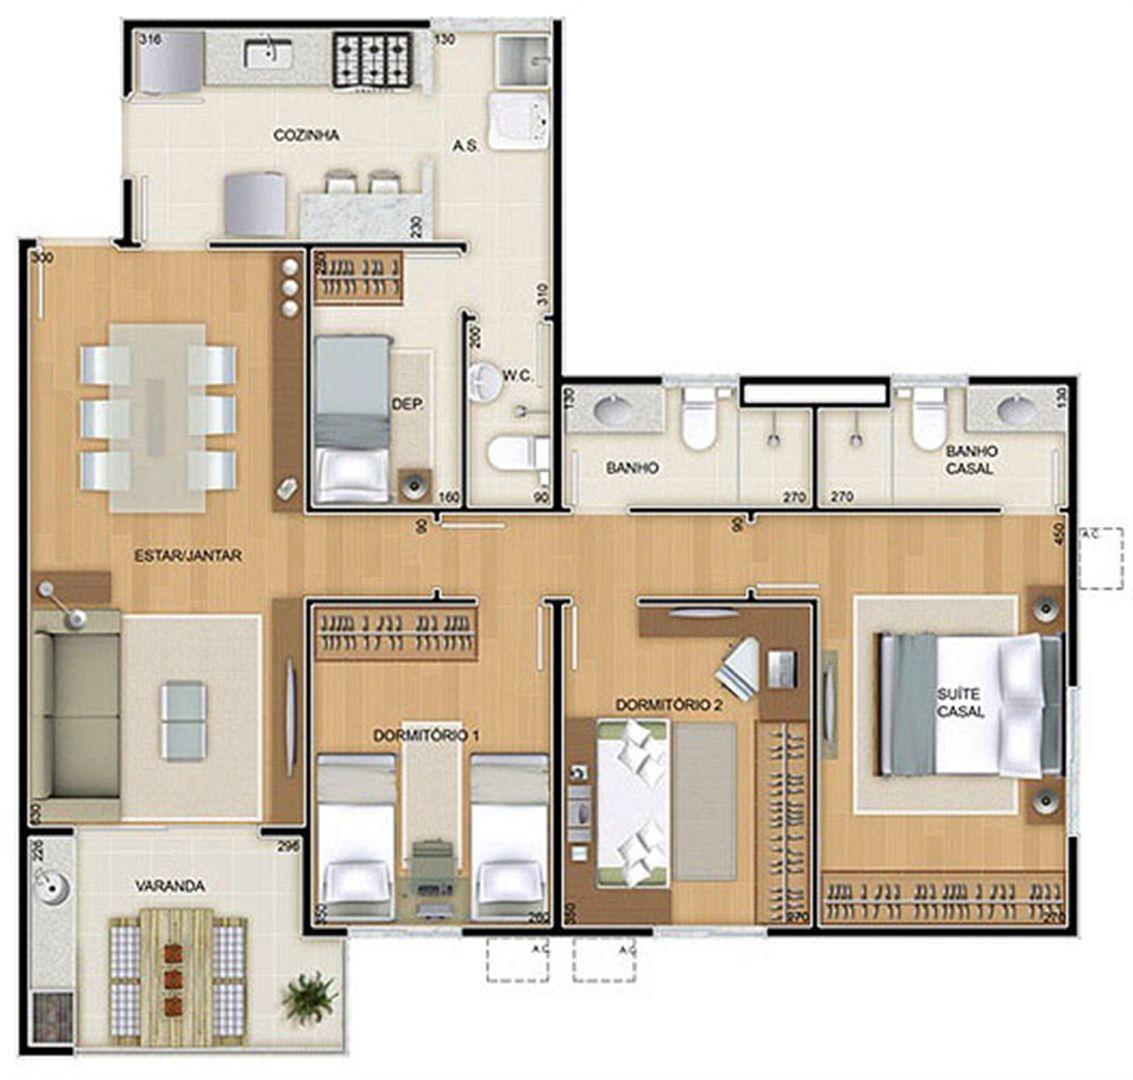 Torres 1 e 4 - 3 Quartos - 96 m² - Planta tipo | Reserva Verde Residencial Park – Apartamento em  Laranjeiras - Serra - Espírito Santo